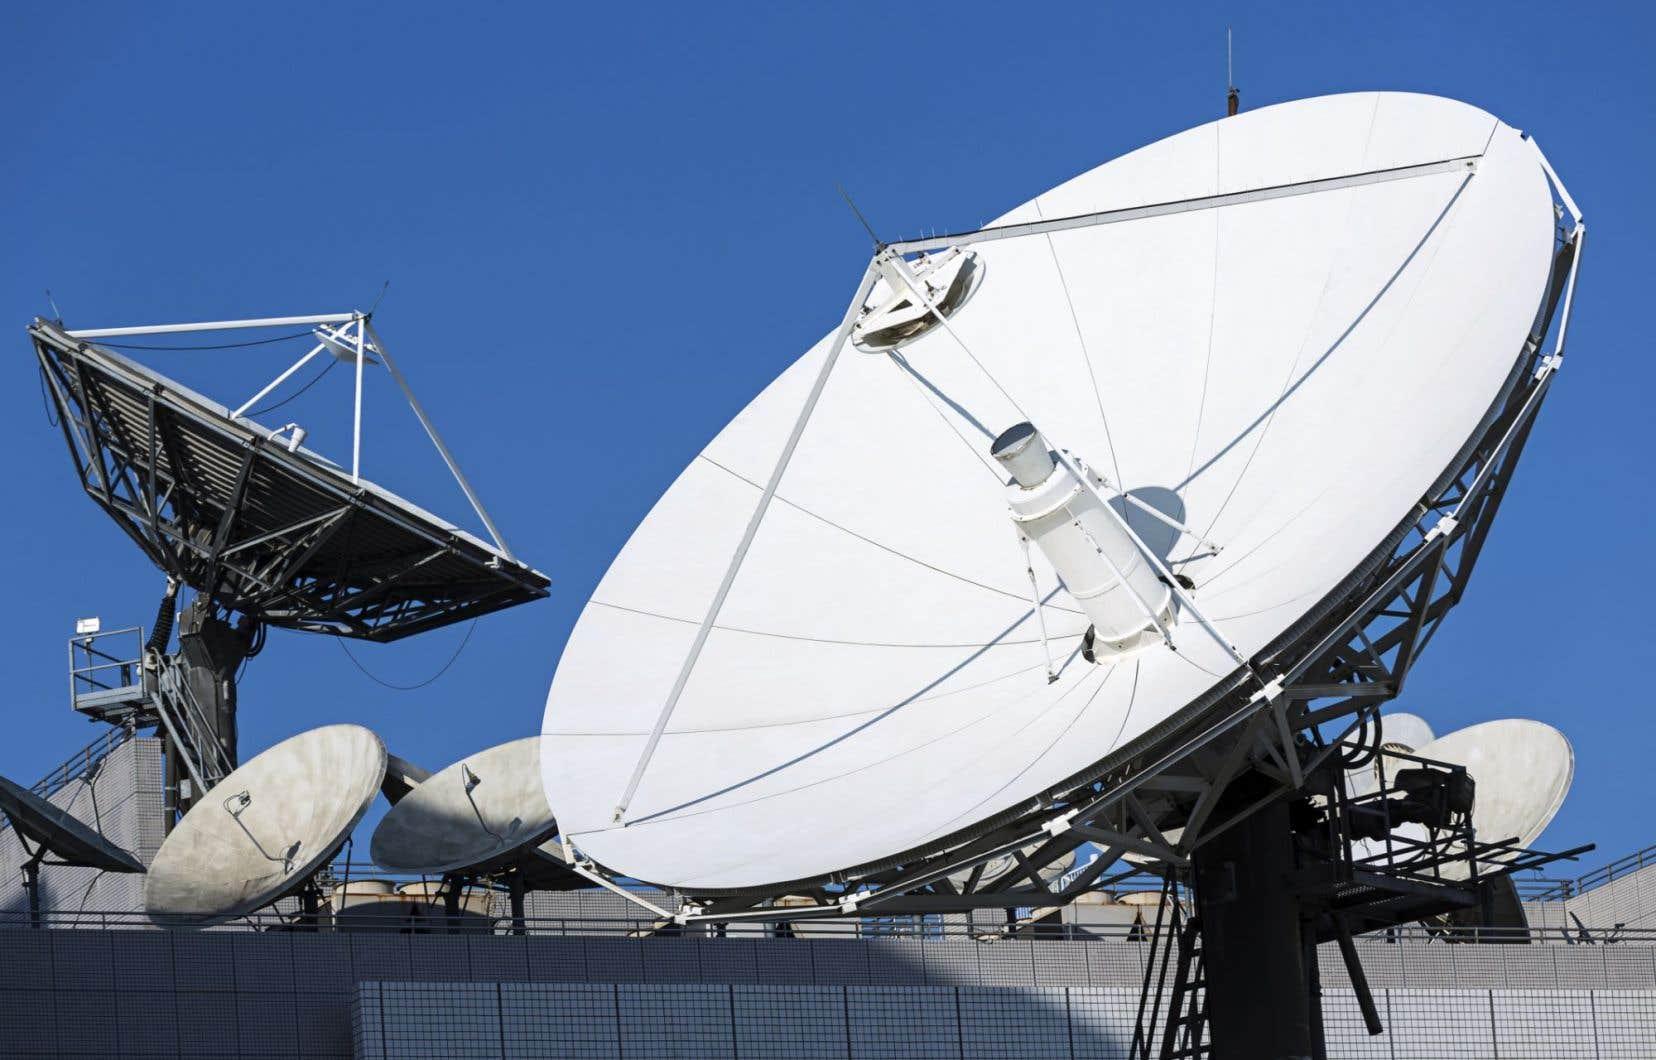 L'OCDE invite le Canada à lever les obstacles à l'investissement étranger, notamment dans le secteur des télécommunications.